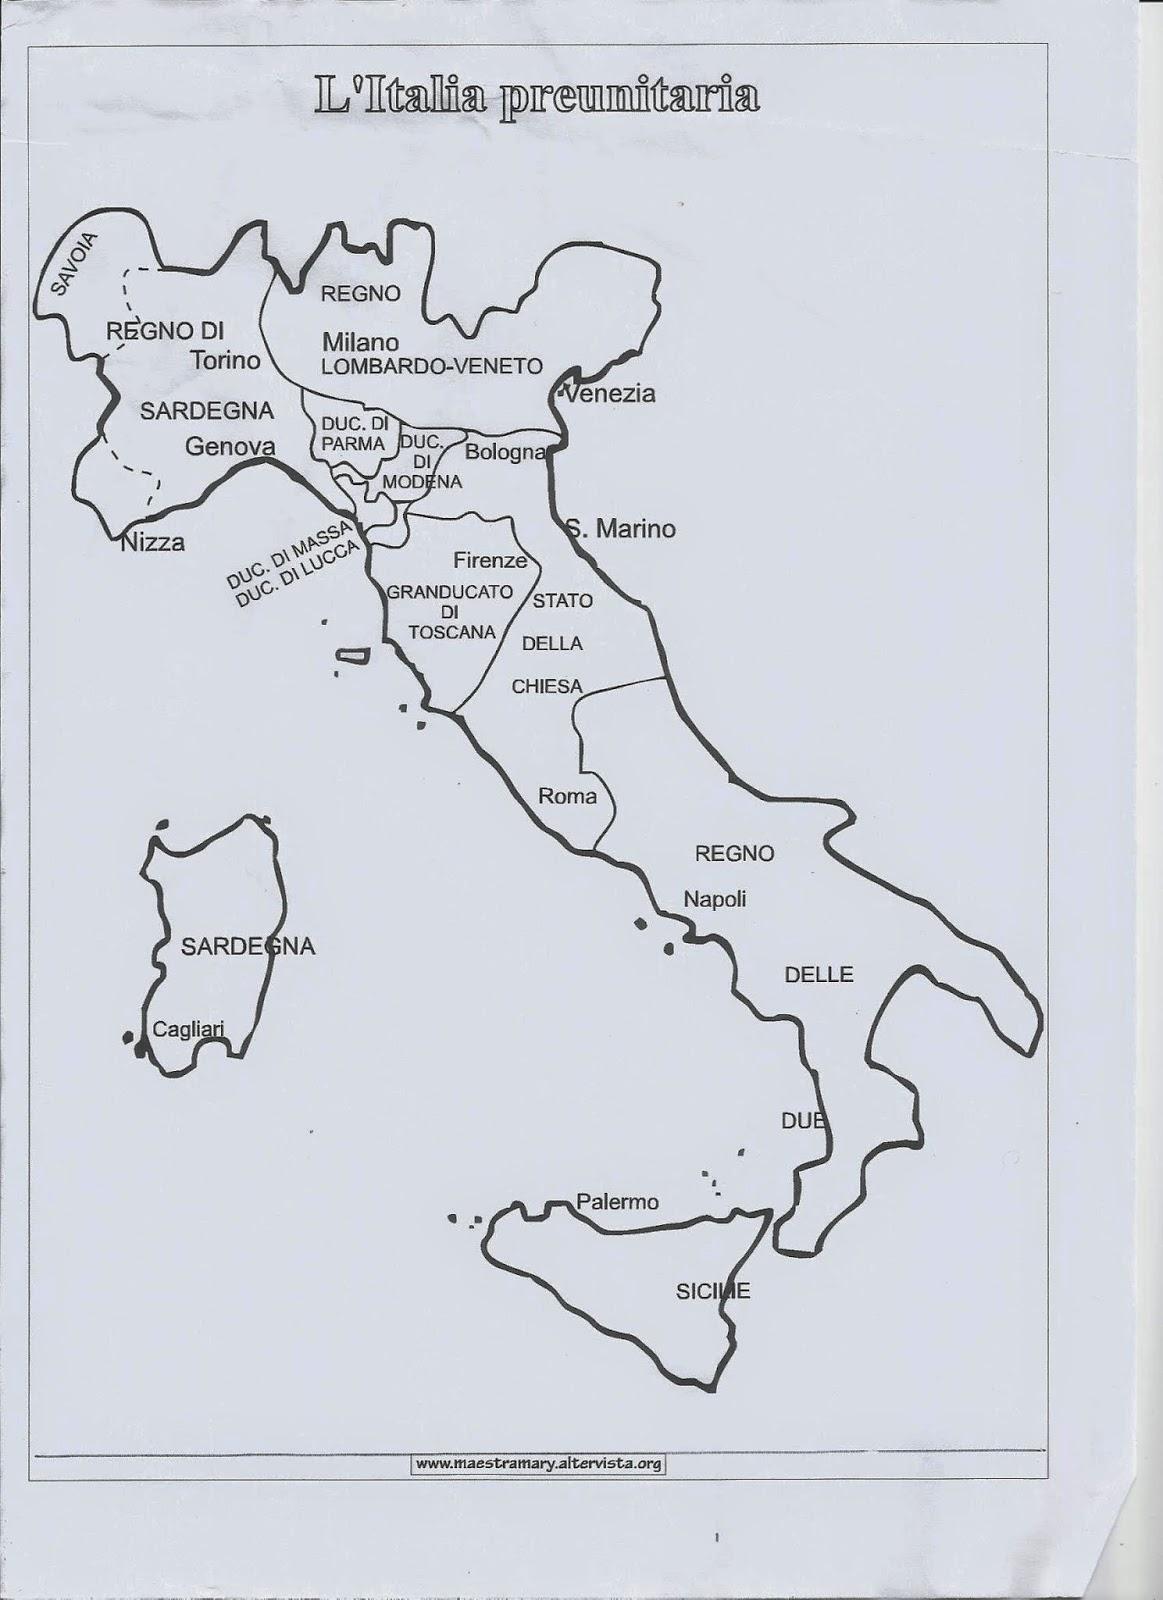 Cartina Dell Italia 1815.Mappa Itala Dopo Il Congresso Di Vienna Cartina Italia Preunitaria